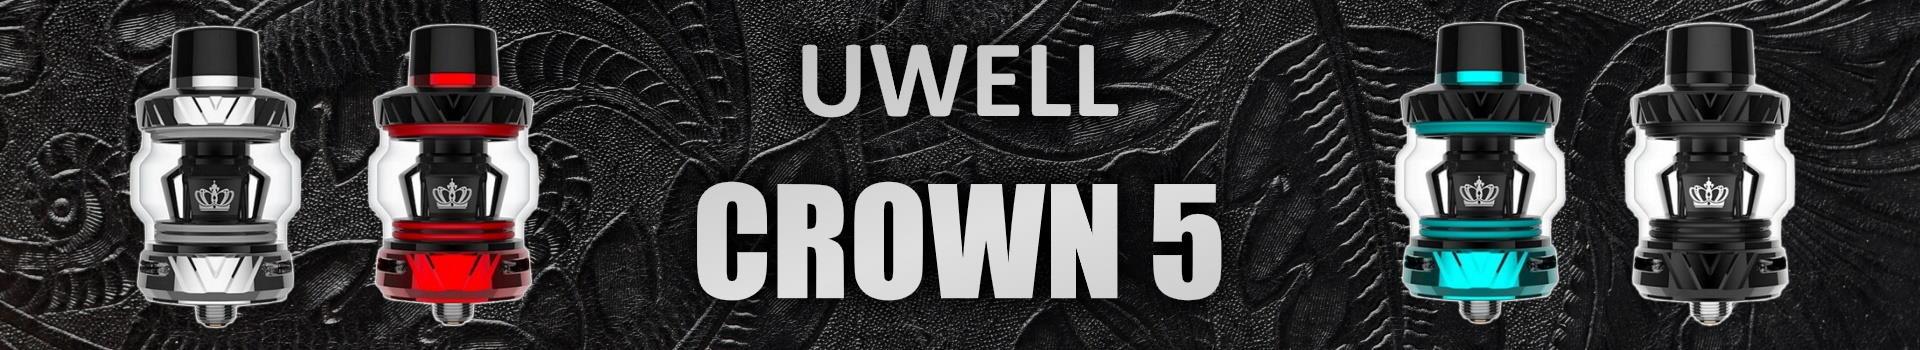 Uwell - Crown 5 Tank Verdampfer